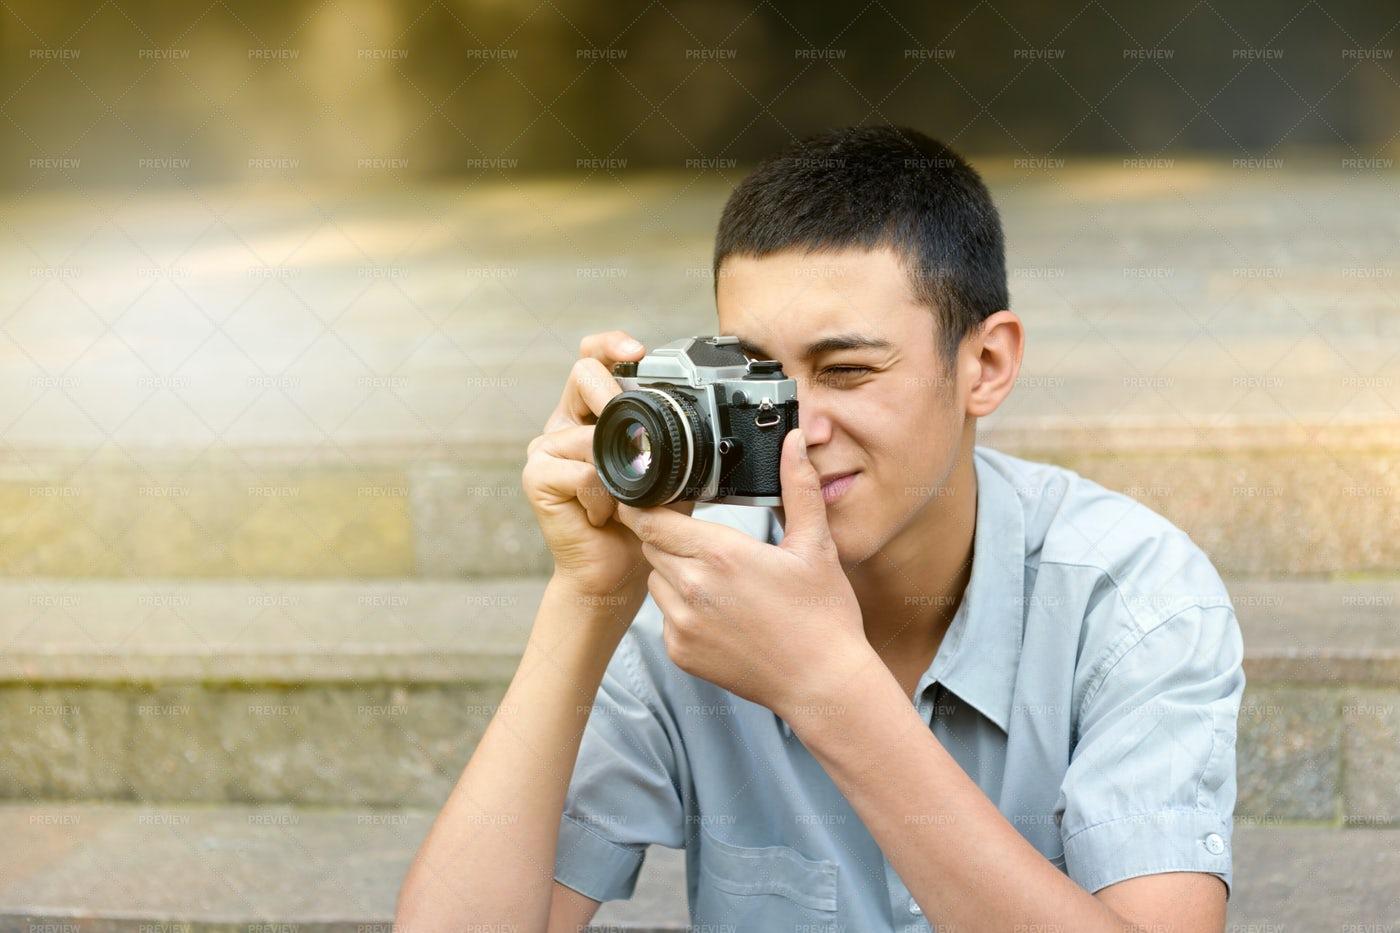 Man Taking Photographs: Stock Photos